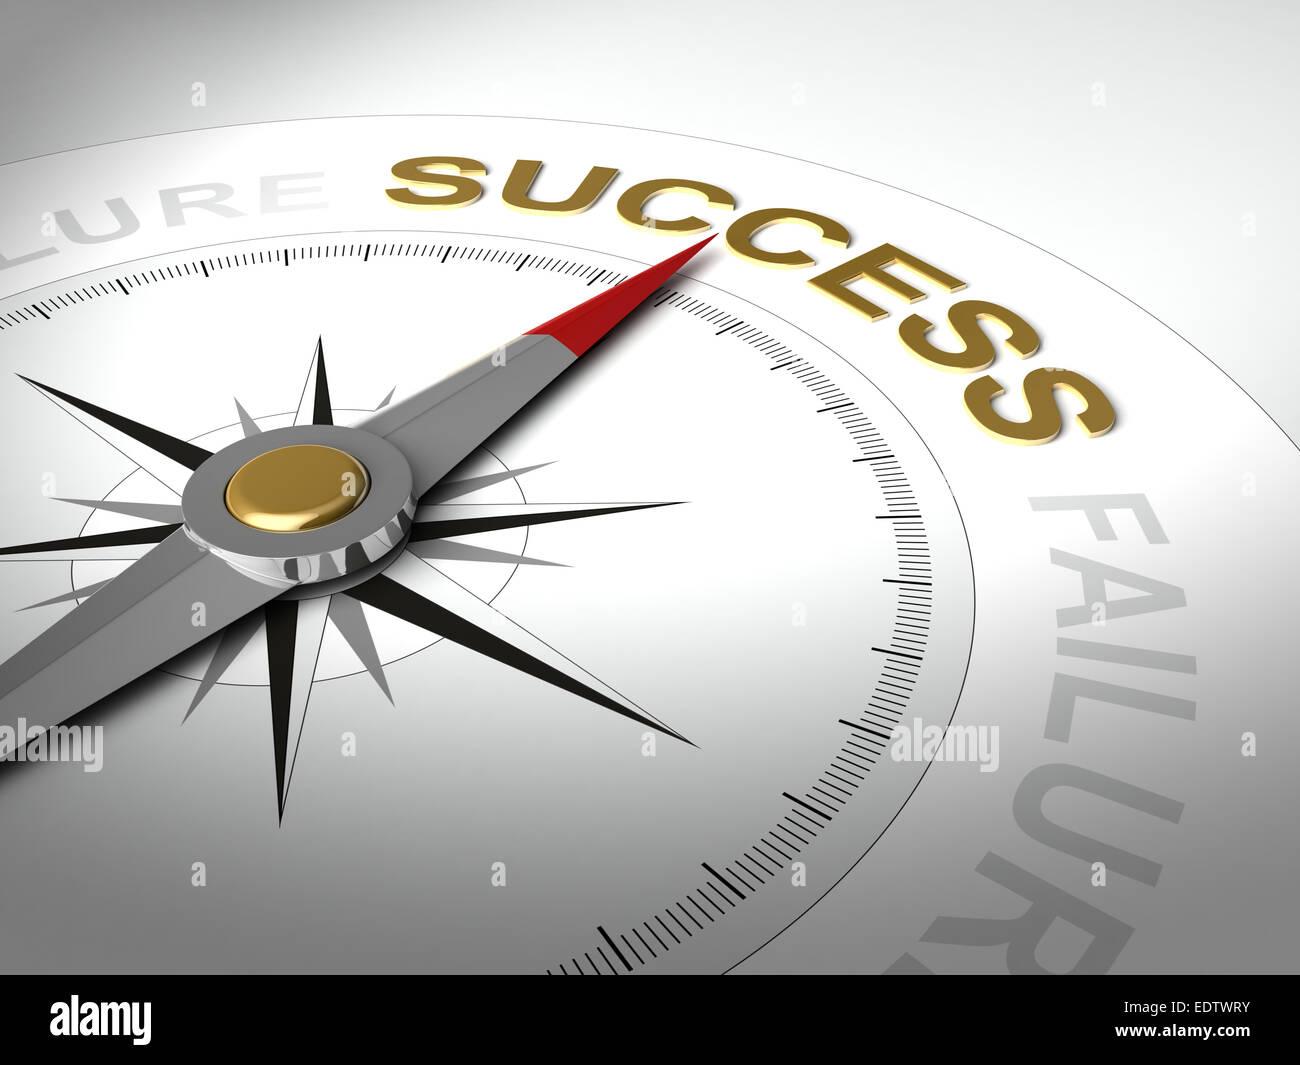 Konzeptionelle 3D-Render Kompass mit Nadel zeigt das Wort Erfolg Stockbild